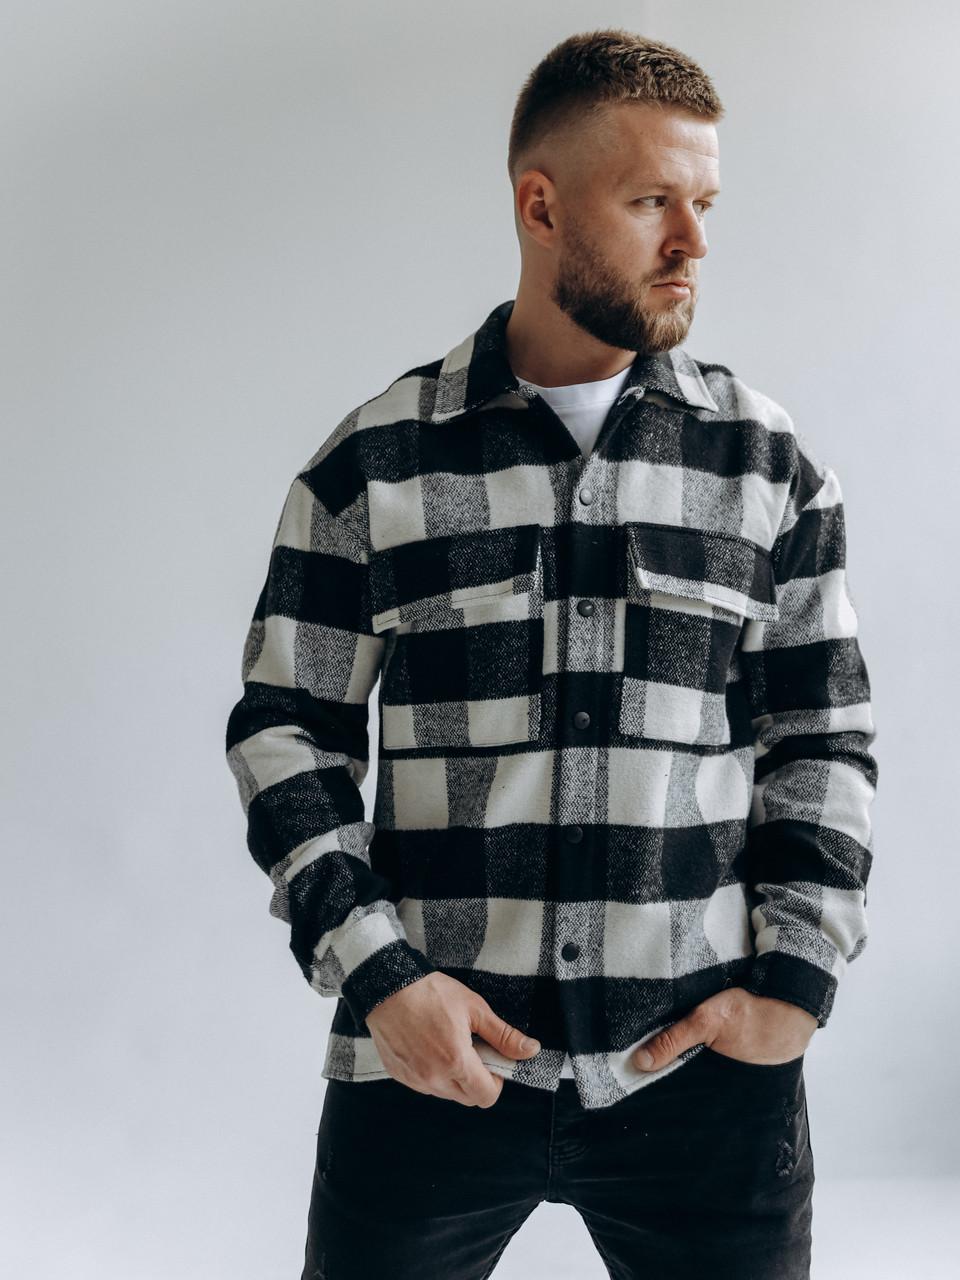 Мужская клетчатая теплая байковая куртка-рубашка на пуговицах с карманами черно-серая